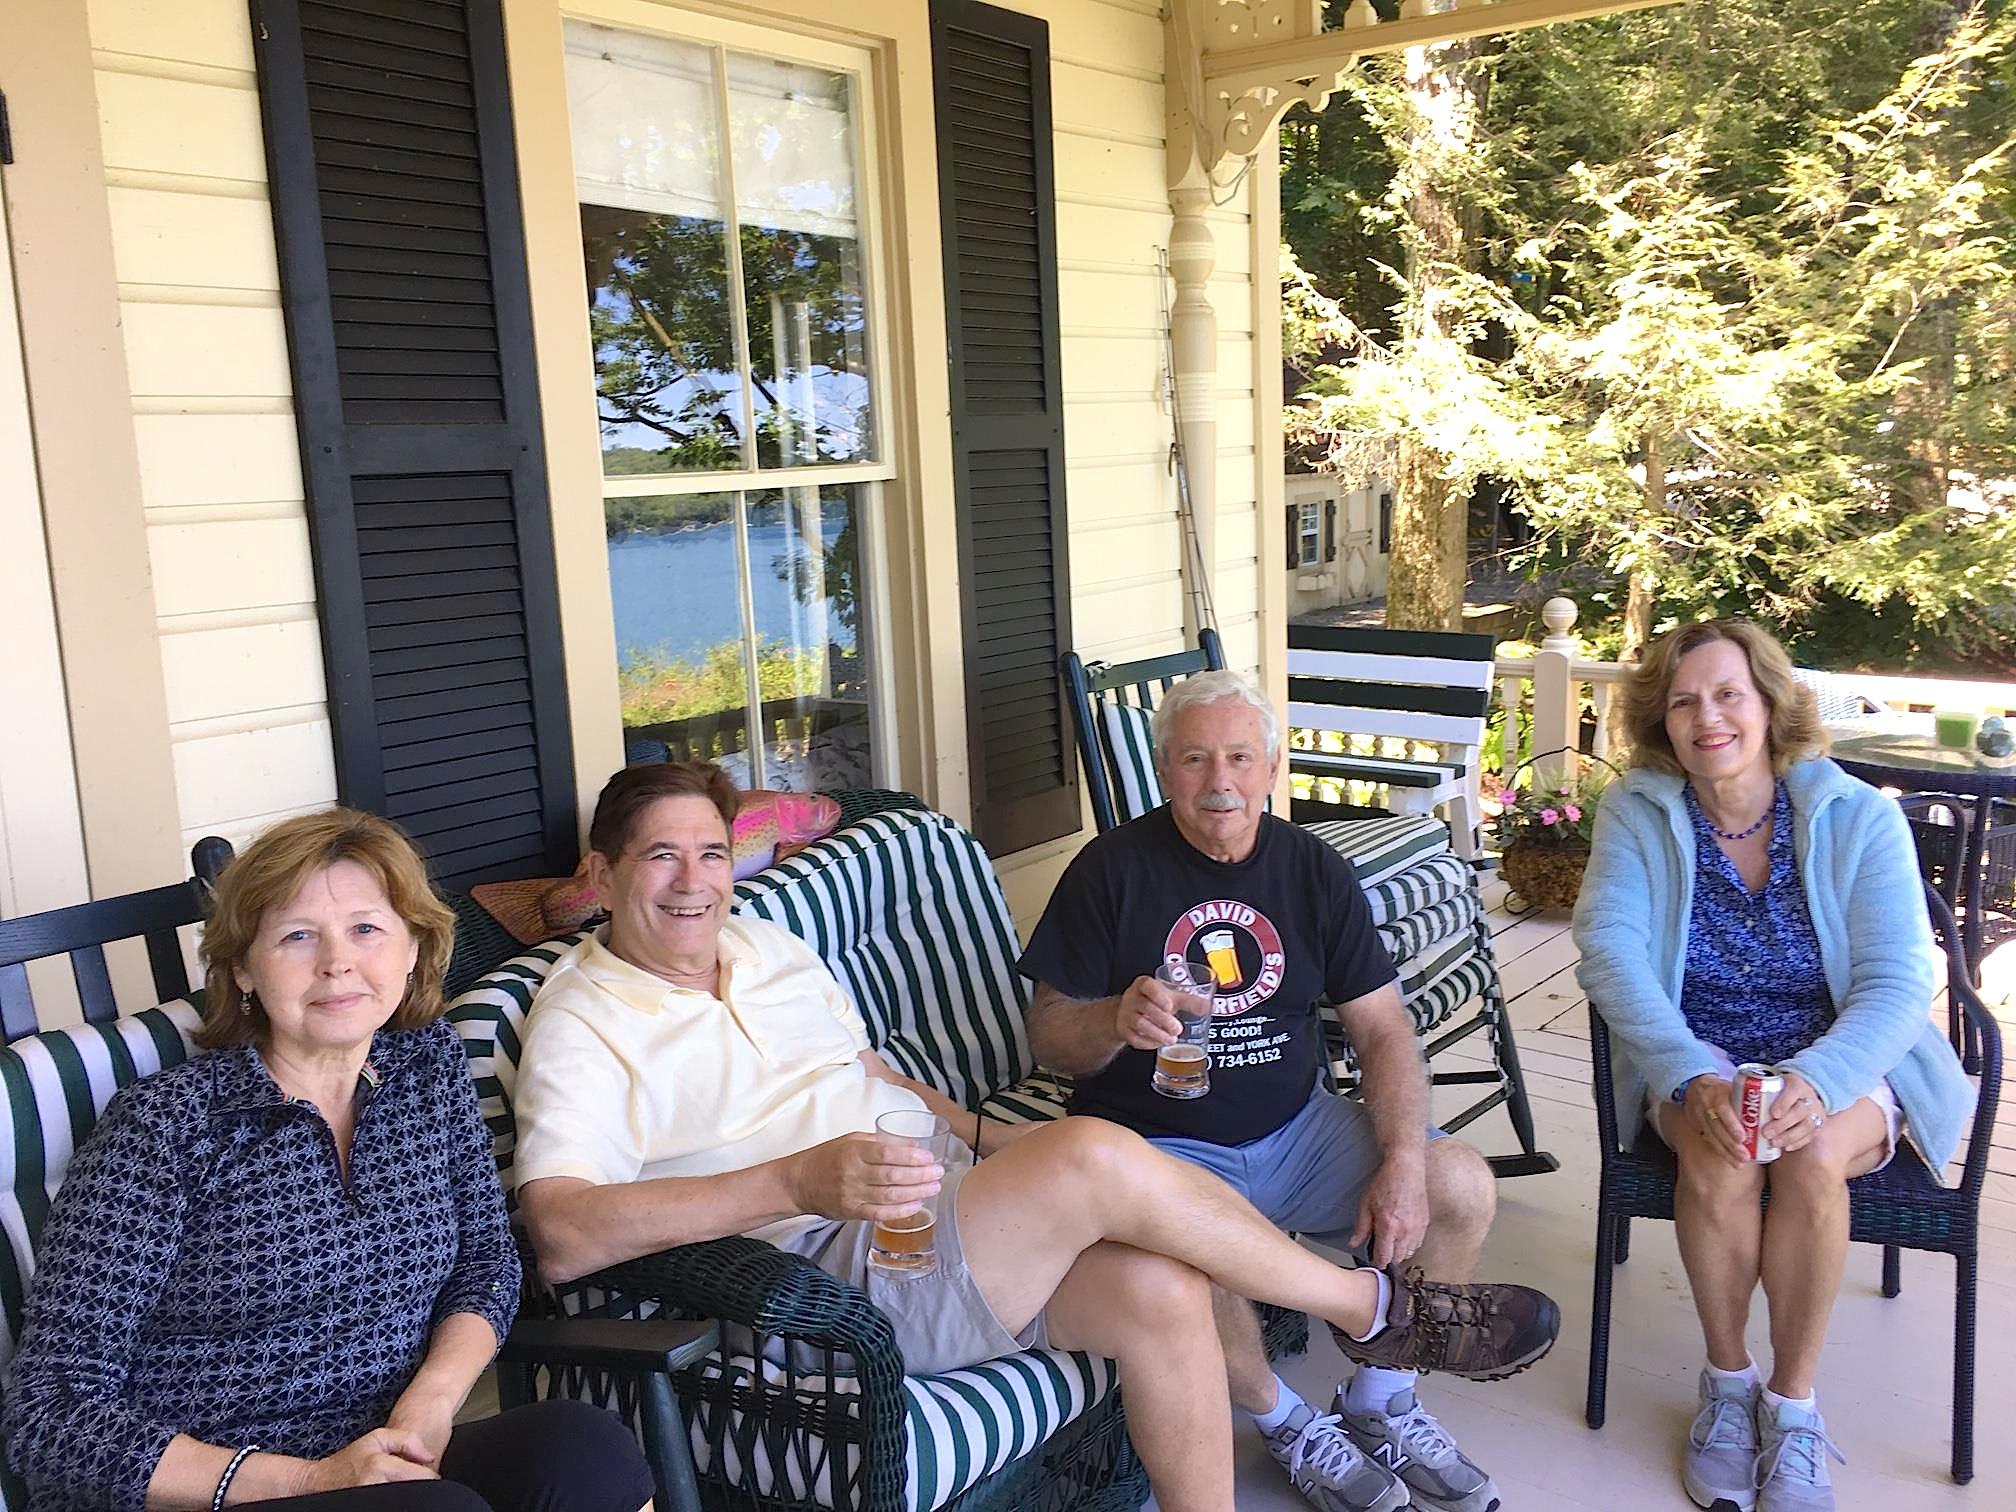 Barbara, Joh, Don & Lorraine